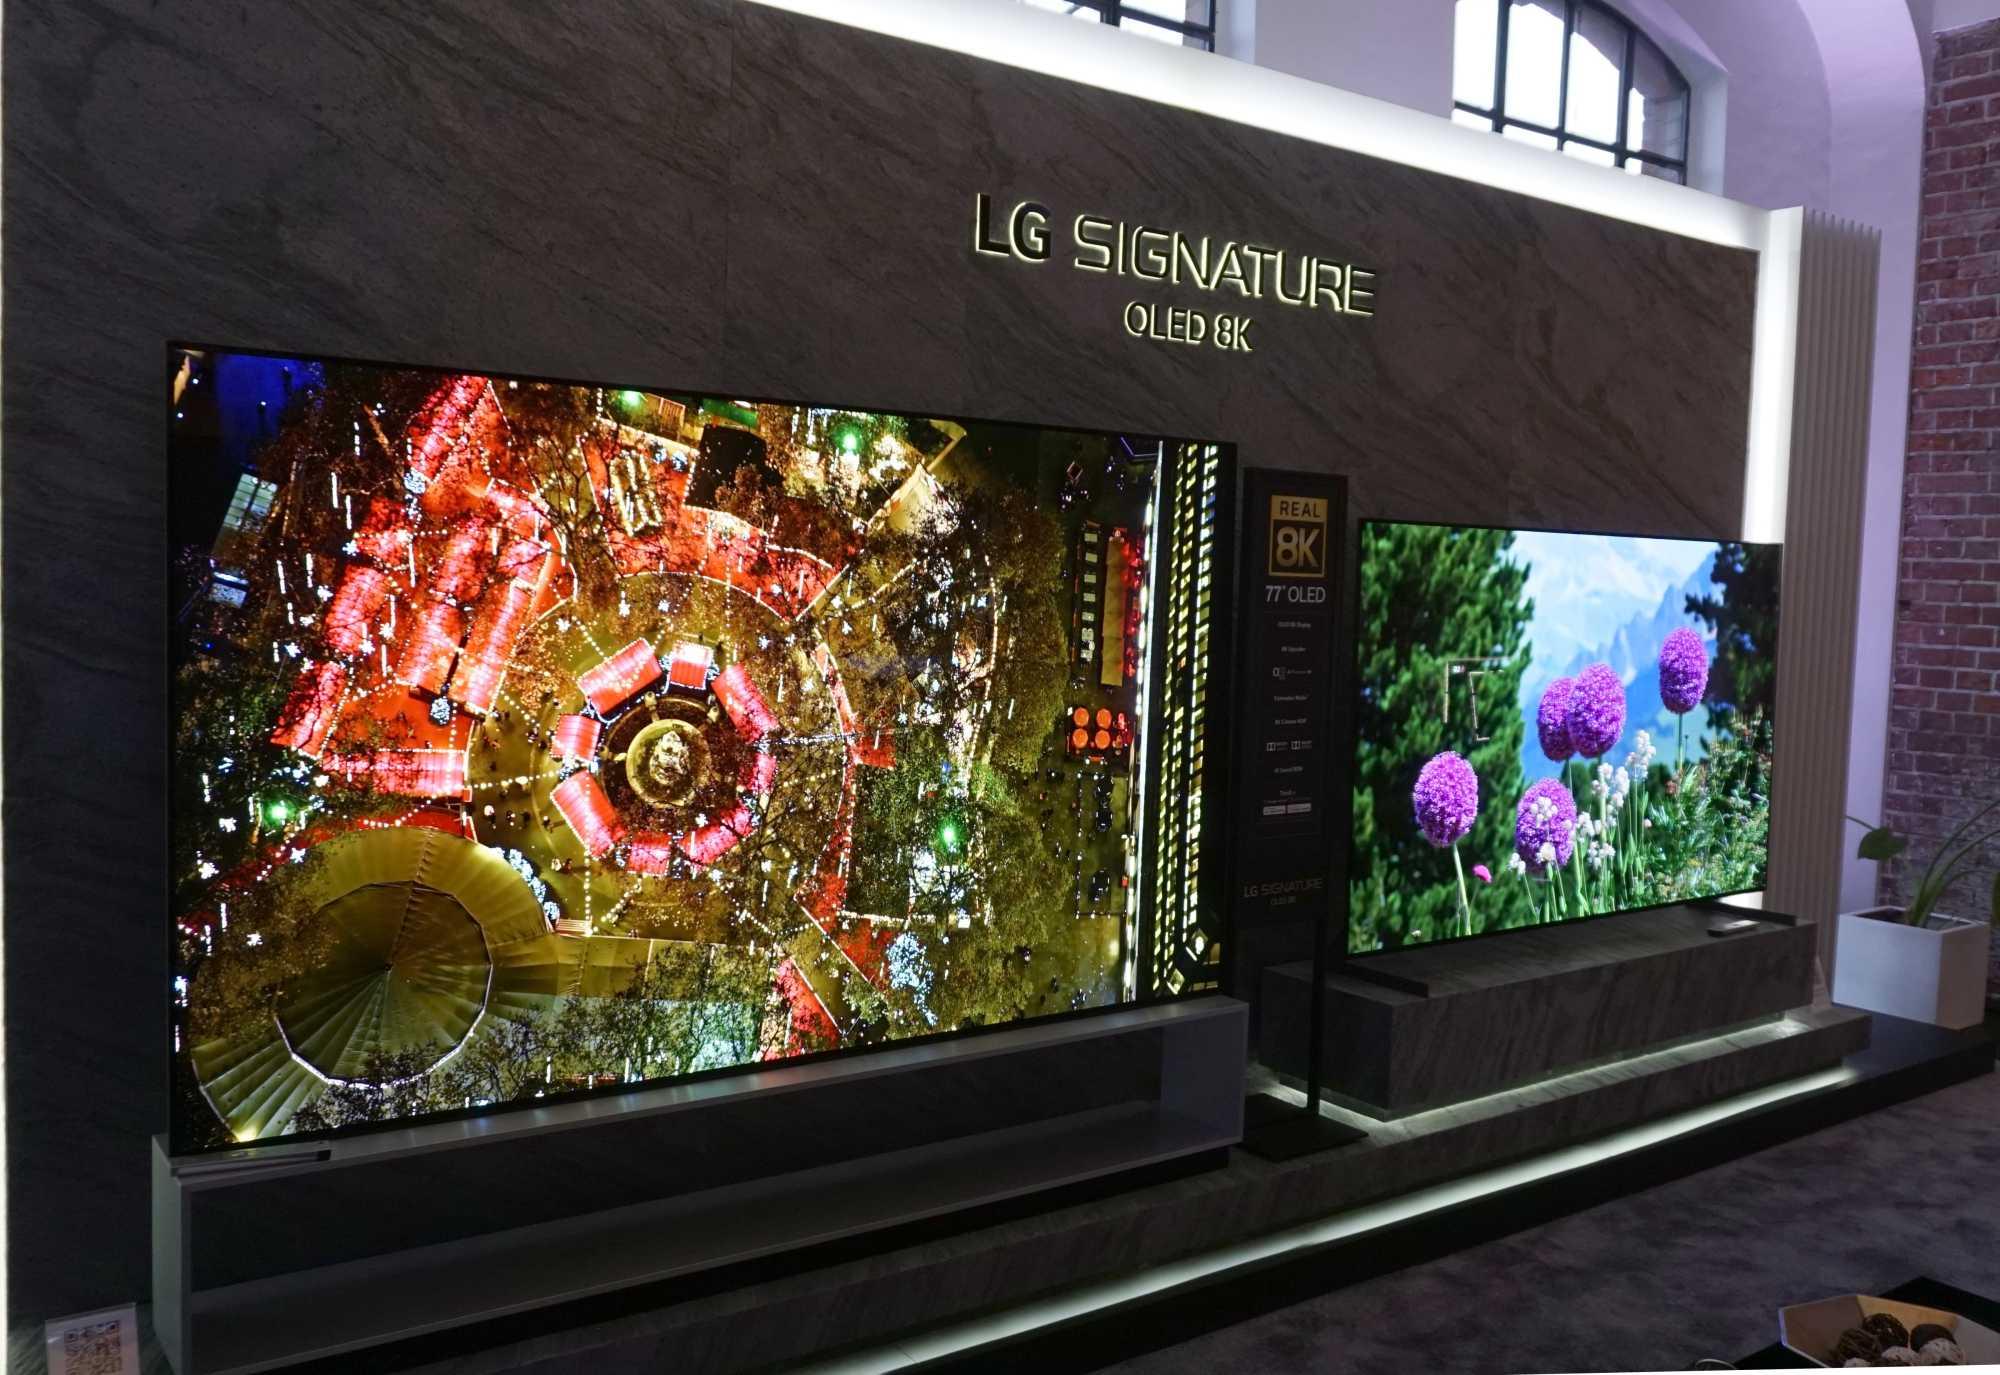 LG bietet seine OLED-TVs auch mit 8K-Auflösung an. Diese werden mangels Inhalten in diesem Jahr aber wohl nicht allzu viele Käufer finden.